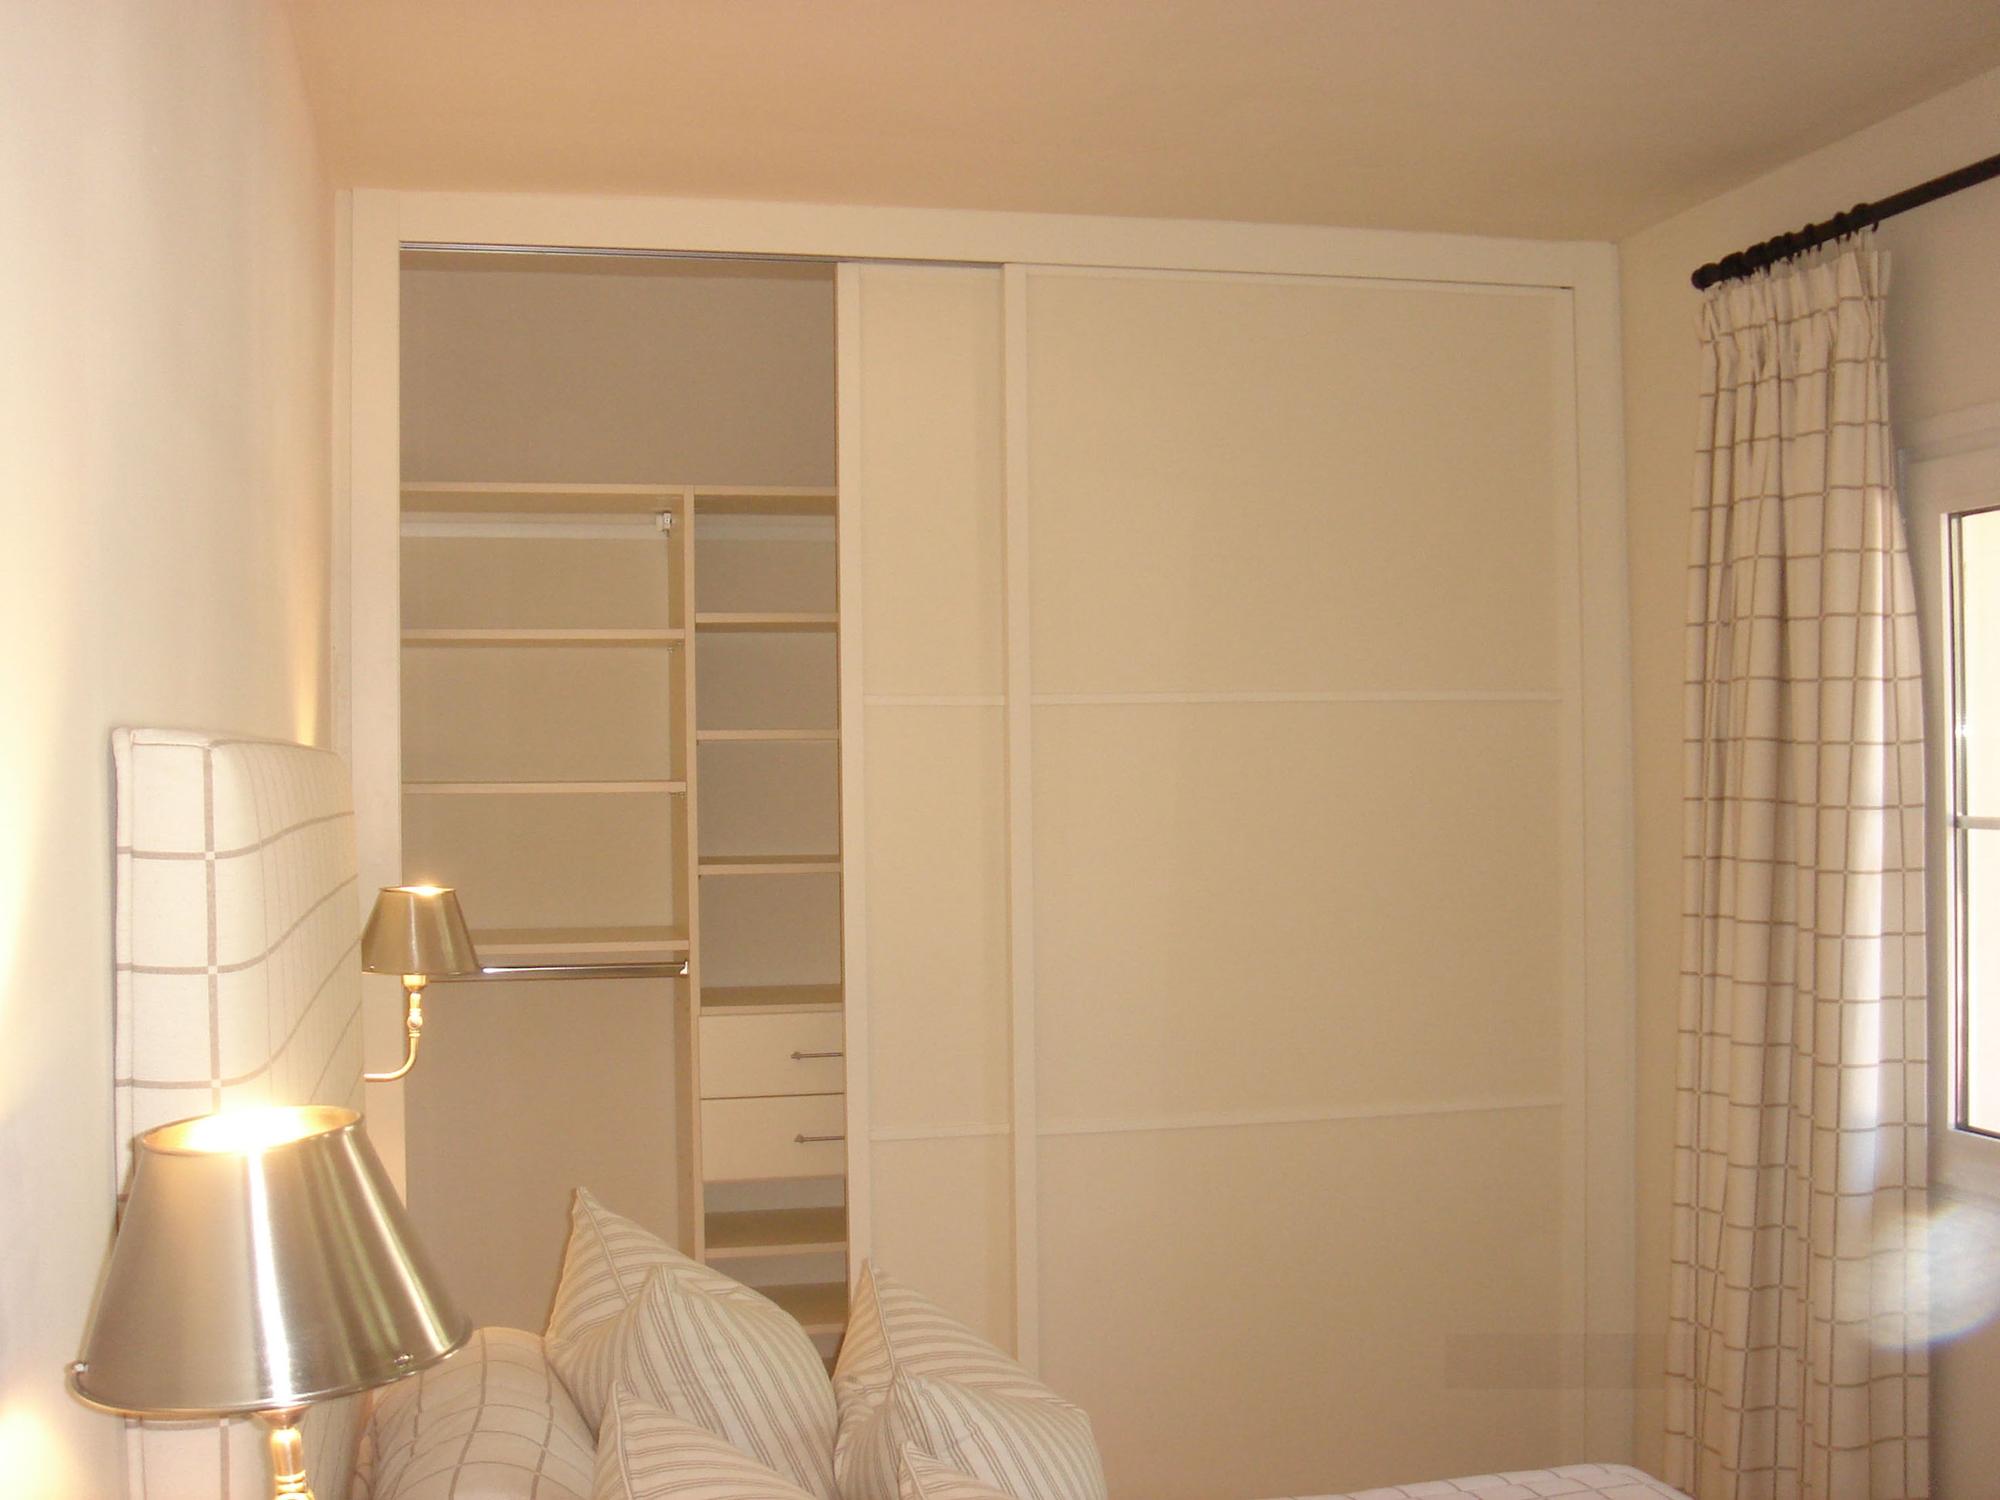 Frentes de armario a medida metrocloset - Guias puertas correderas armarios empotrados ...